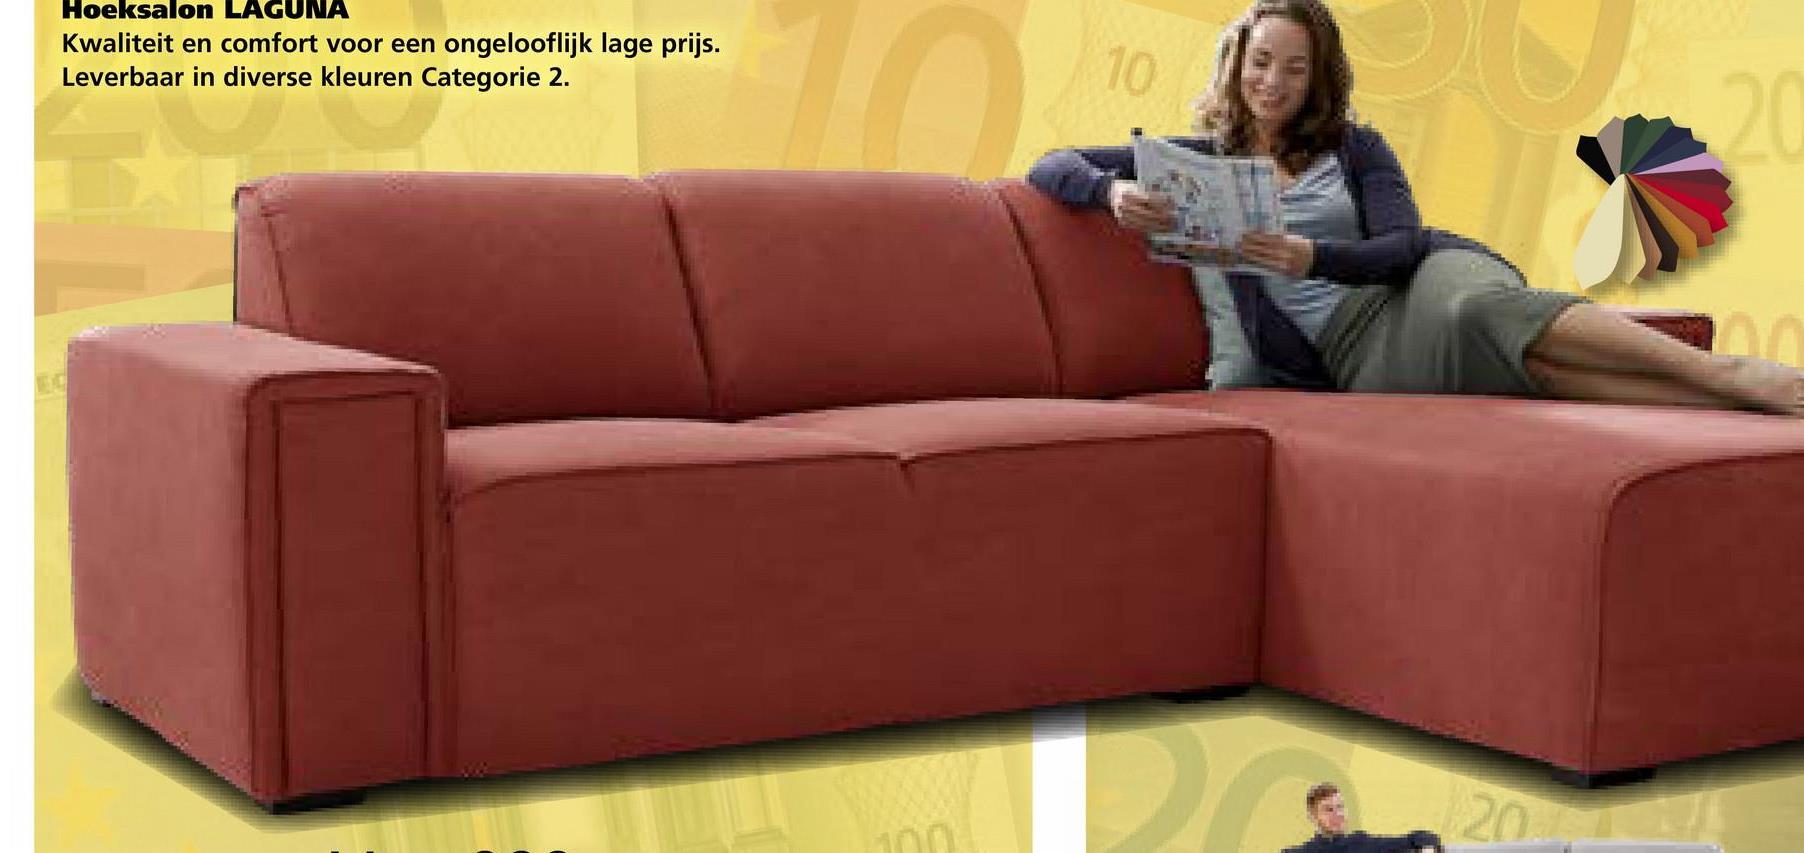 Hoeksalon LAGUNA Kwaliteit en comfort voor een ongelooflijk lage prijs. Leverbaar in diverse kleuren Categorie 2.